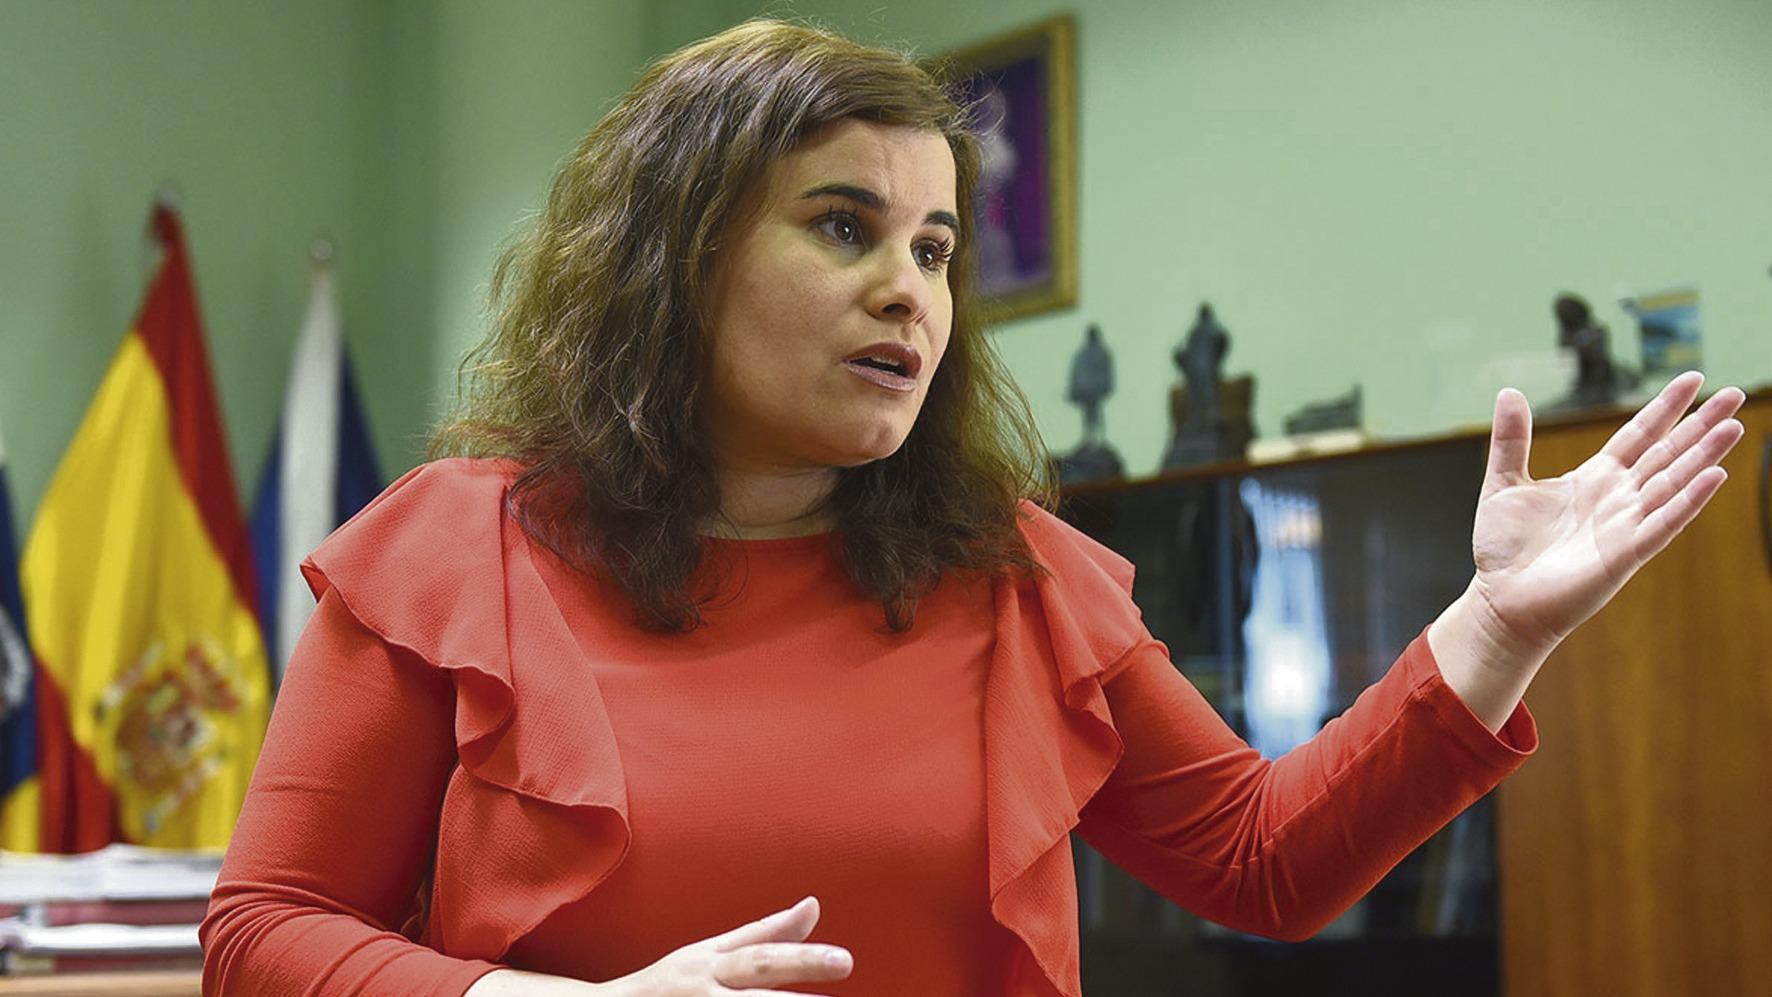 María Concepción Brito, Bürgermeisterin von Candelaria Foto: efe